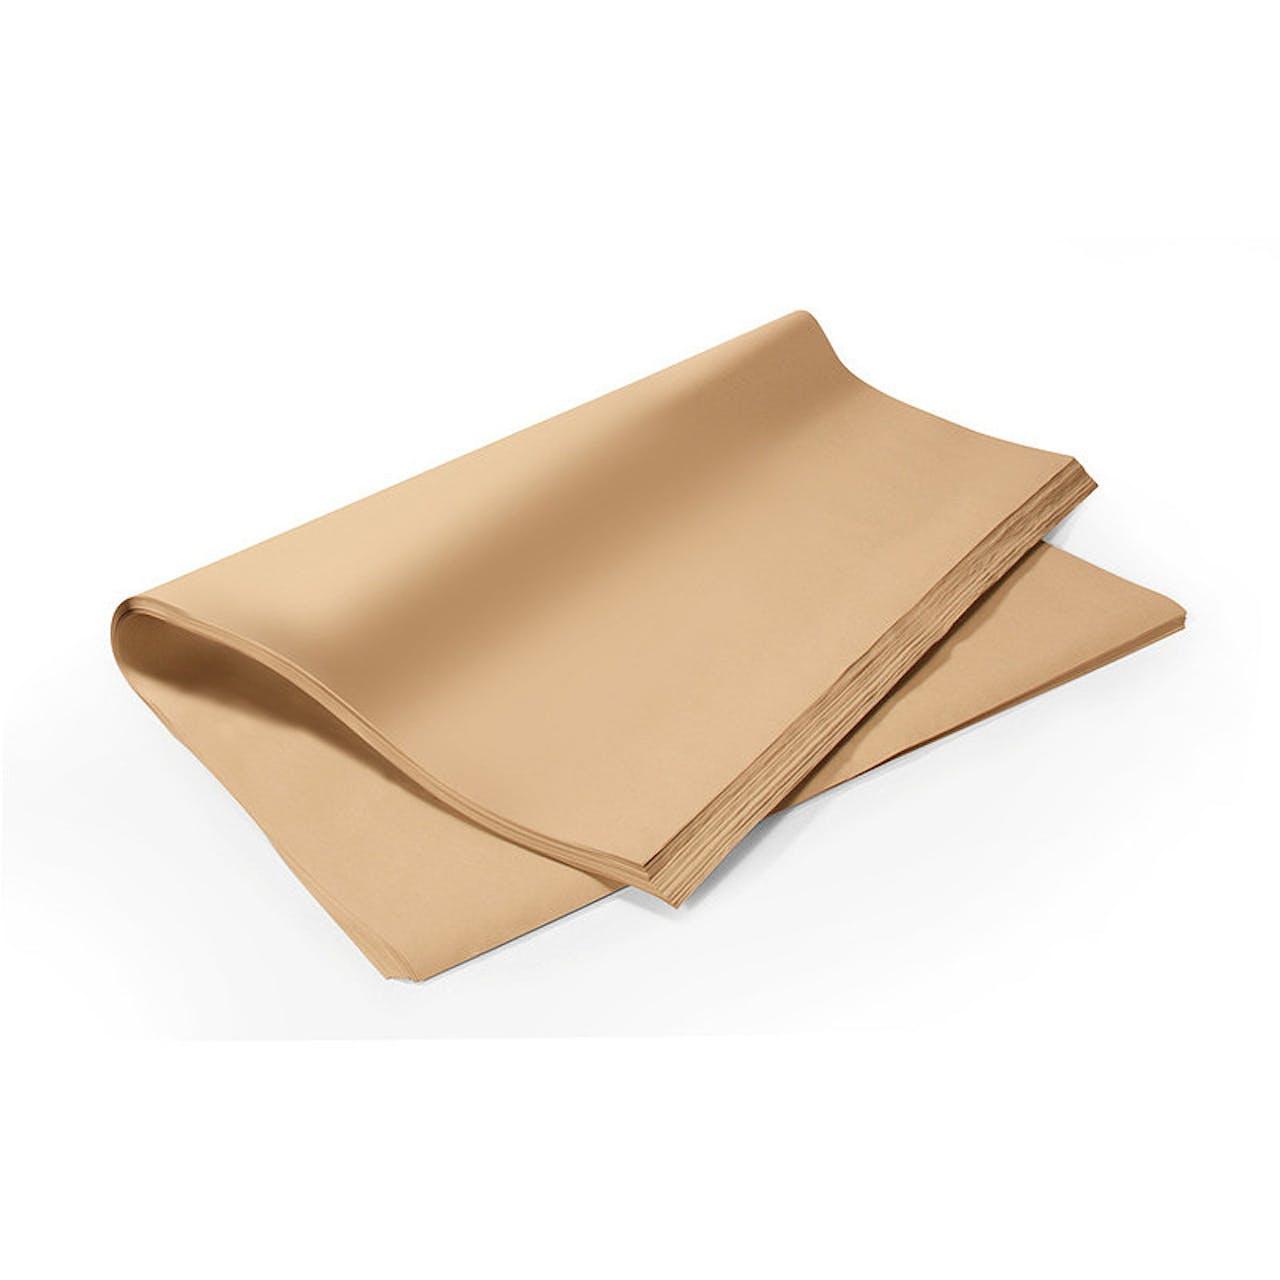 Natronmisch-Packpapier im Bogen